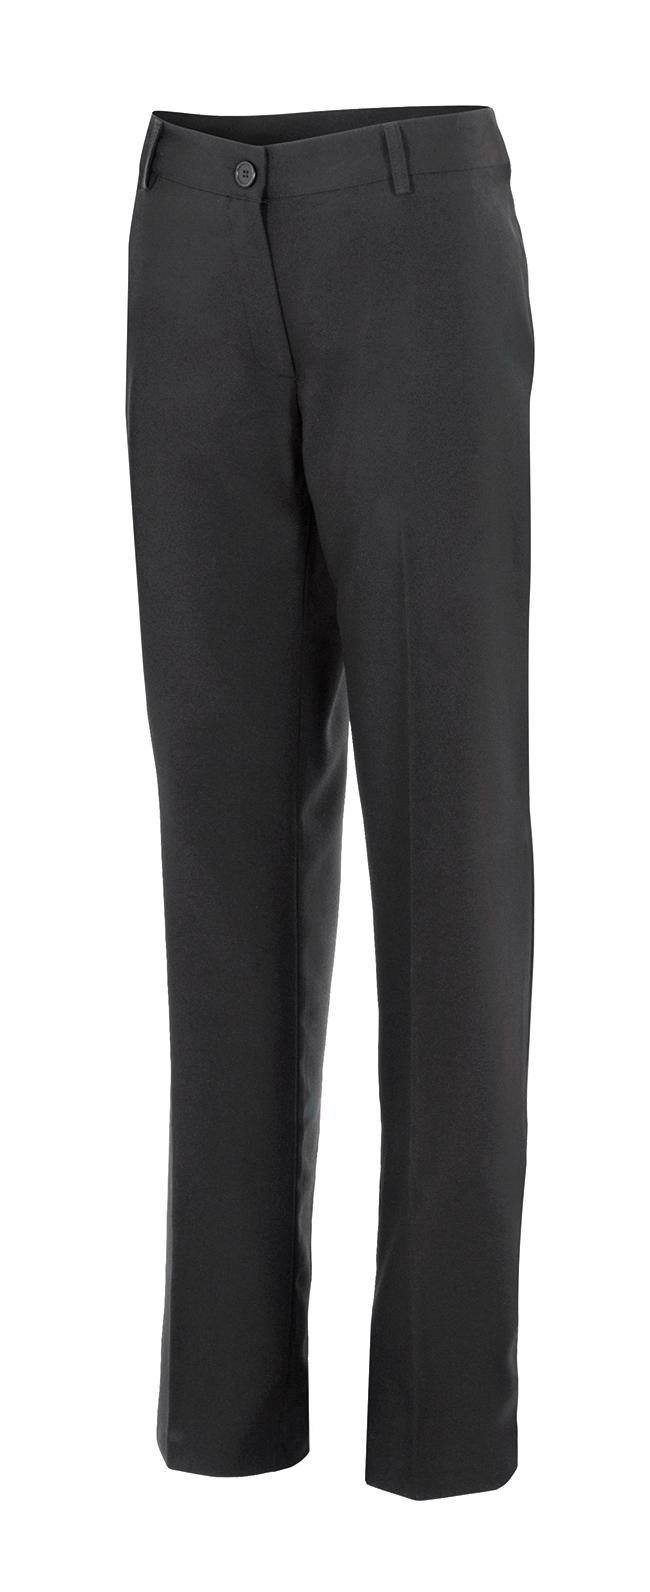 Pantalón de Mujer Velilla Serie 303